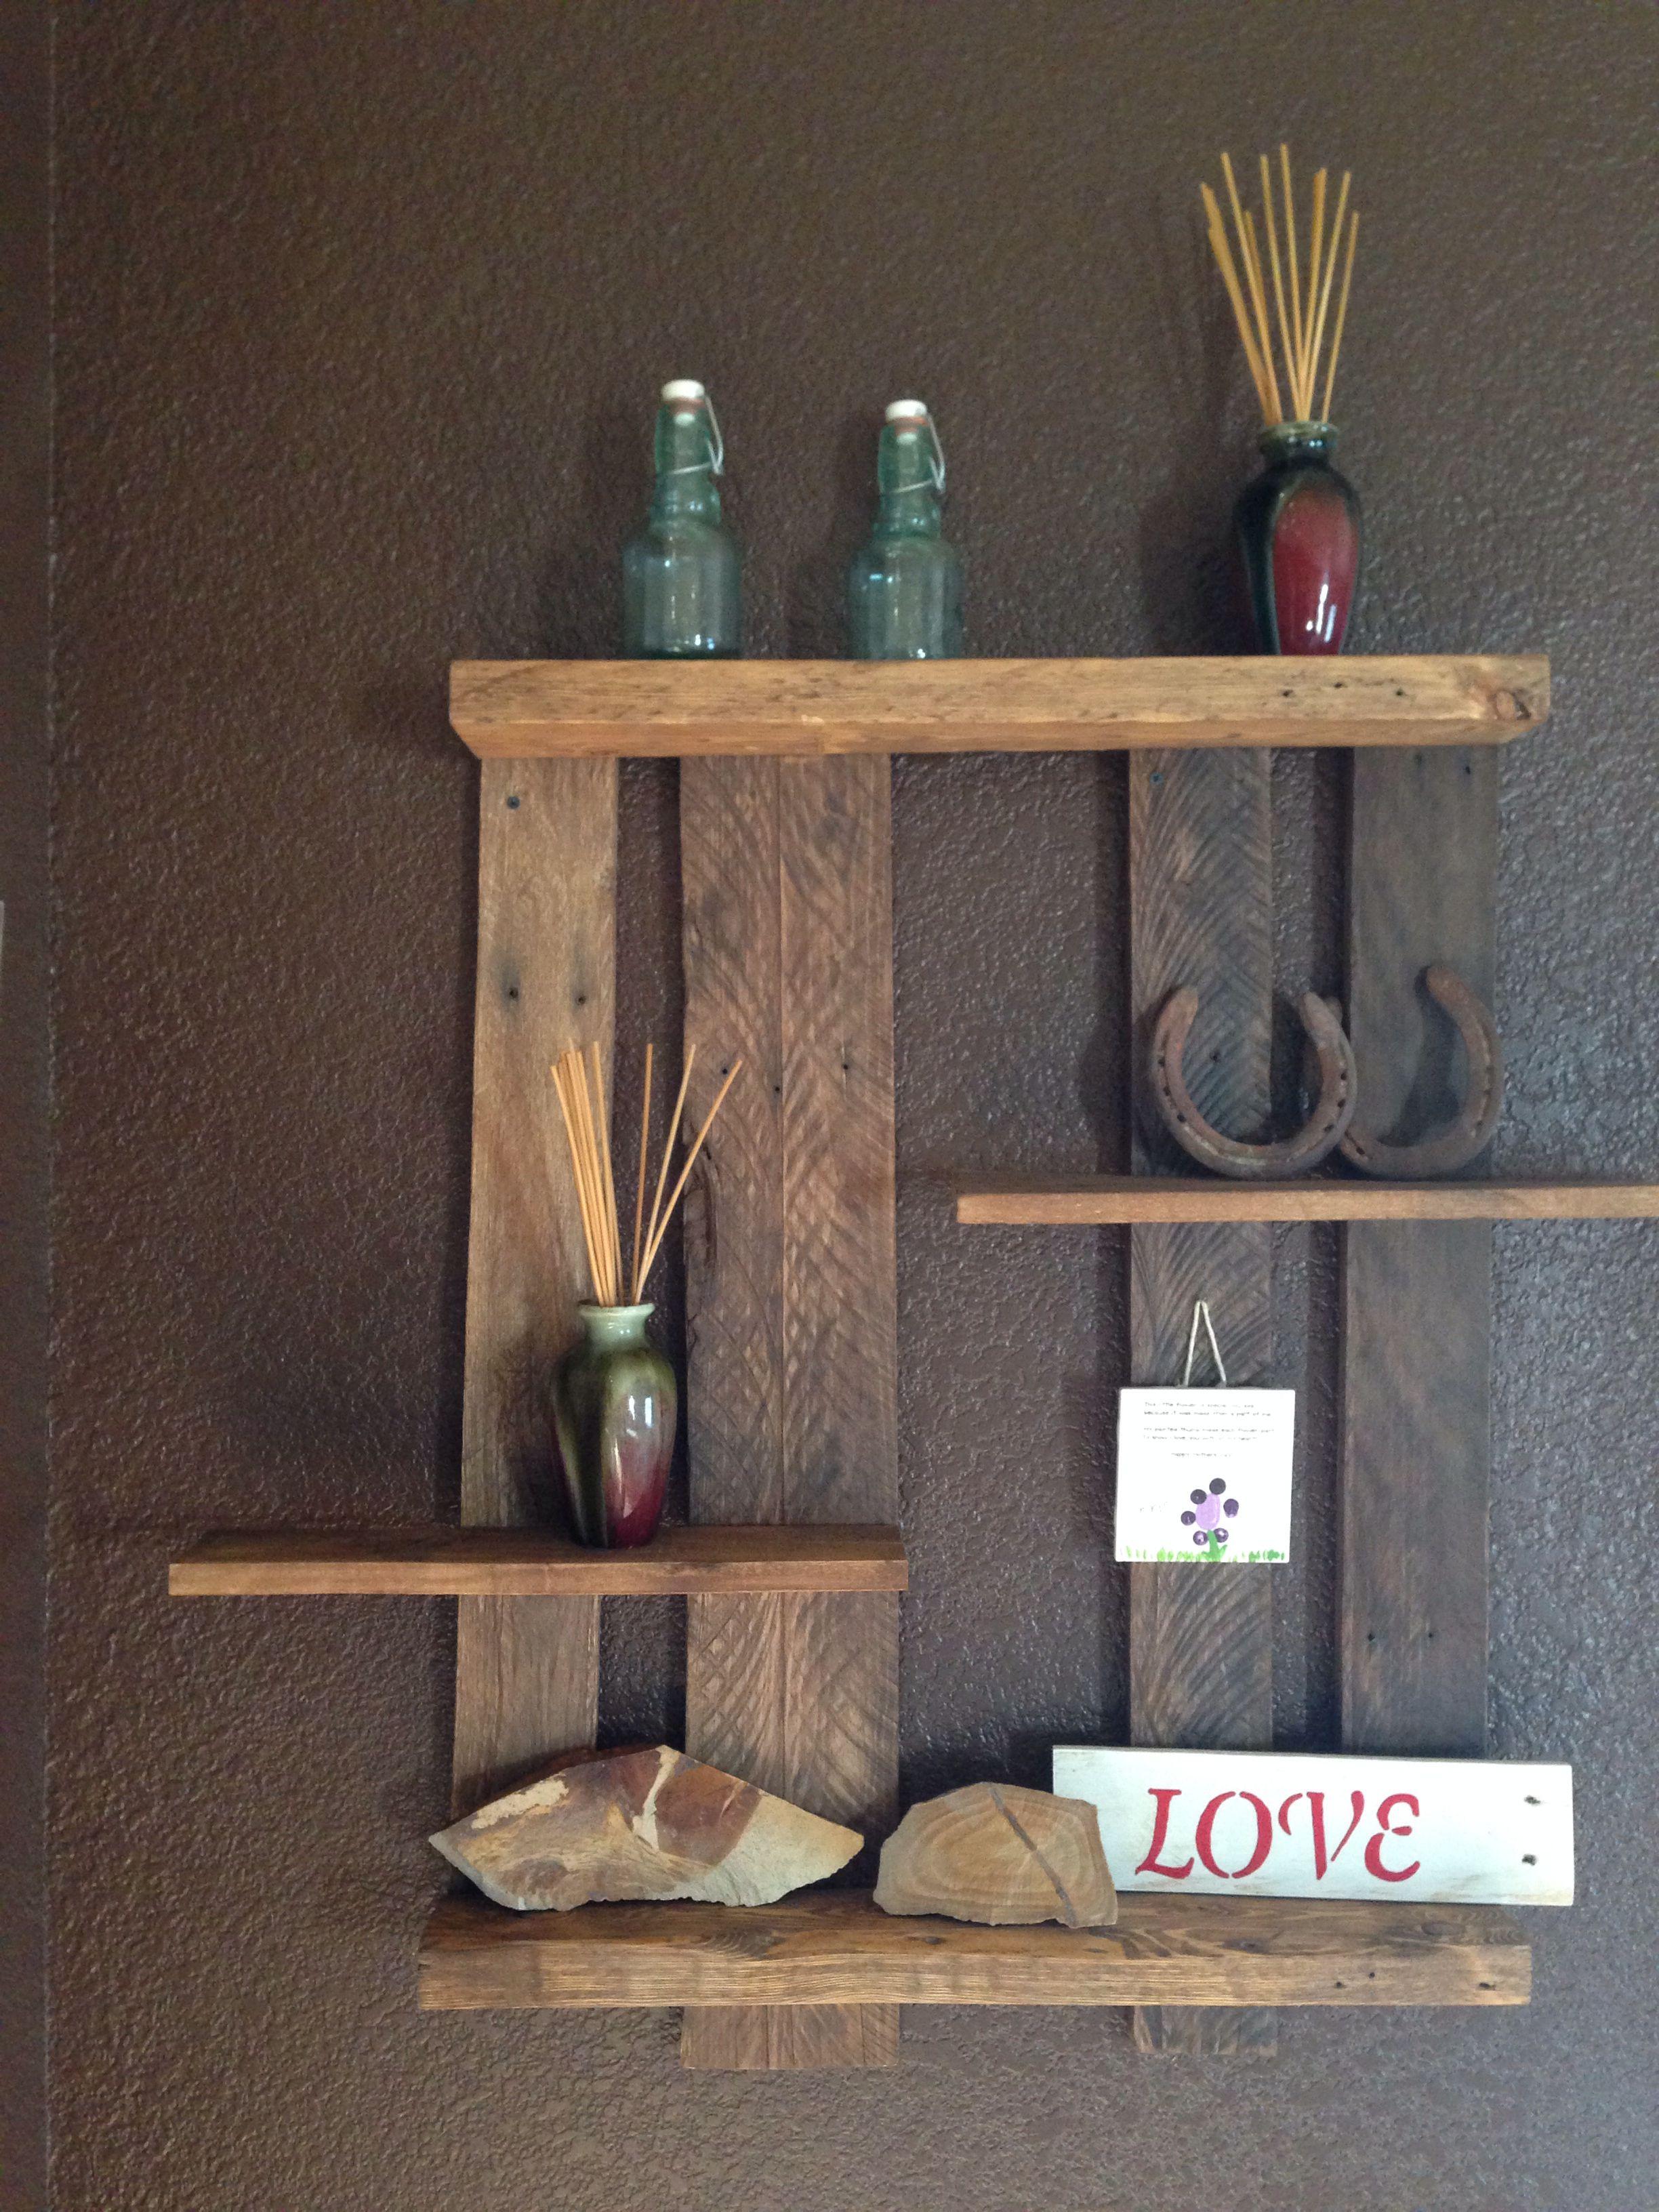 etag re r alis e avec du bois de palette dressing. Black Bedroom Furniture Sets. Home Design Ideas